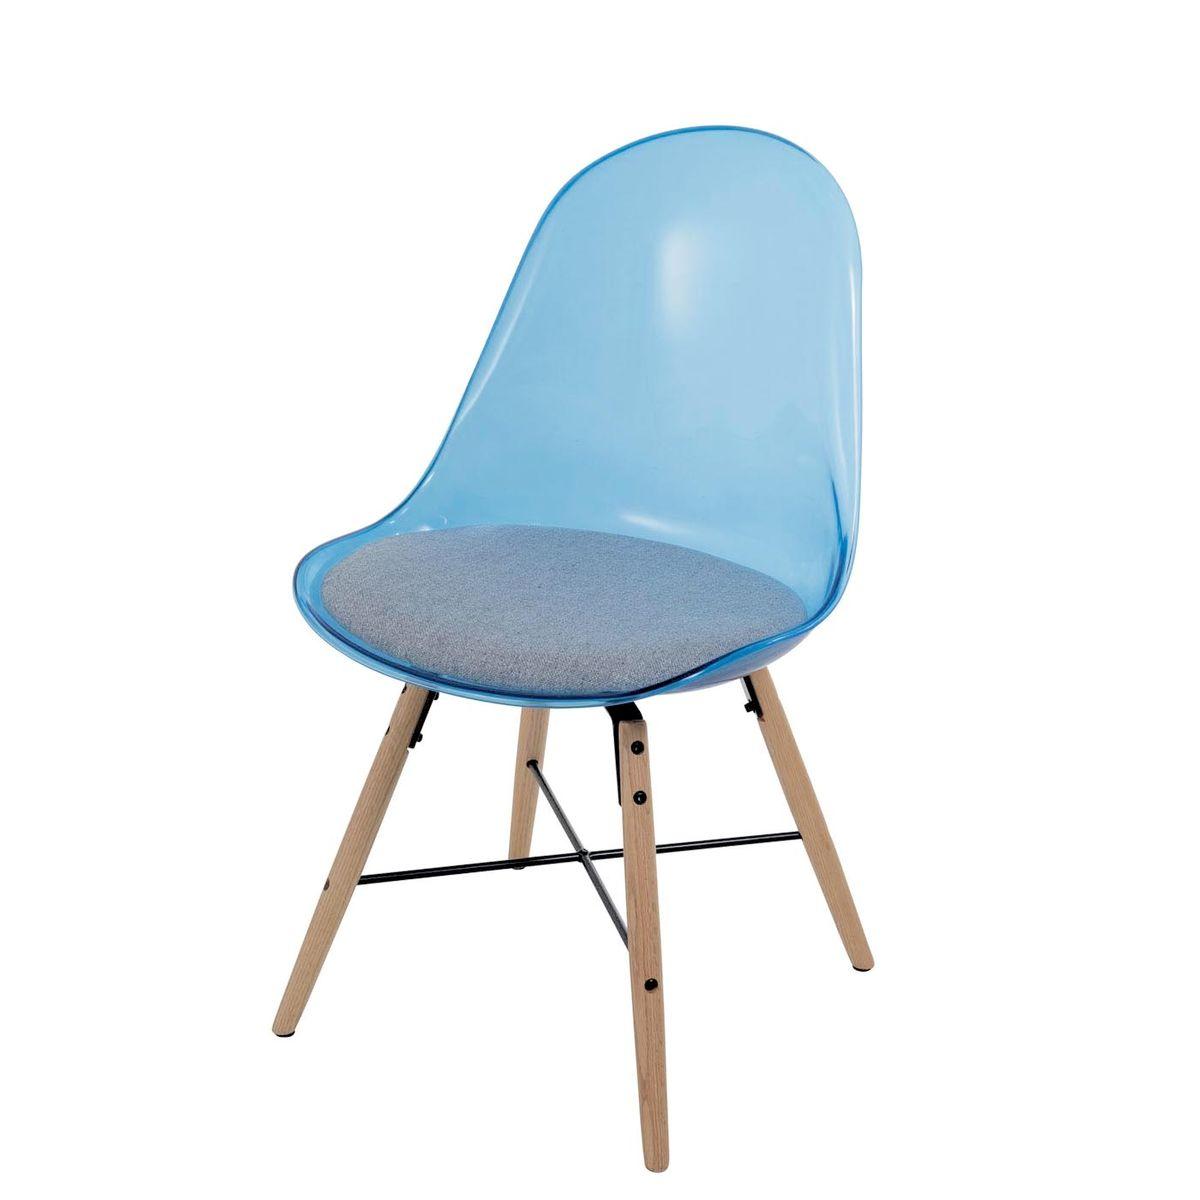 Chaise de repas bleu transparent